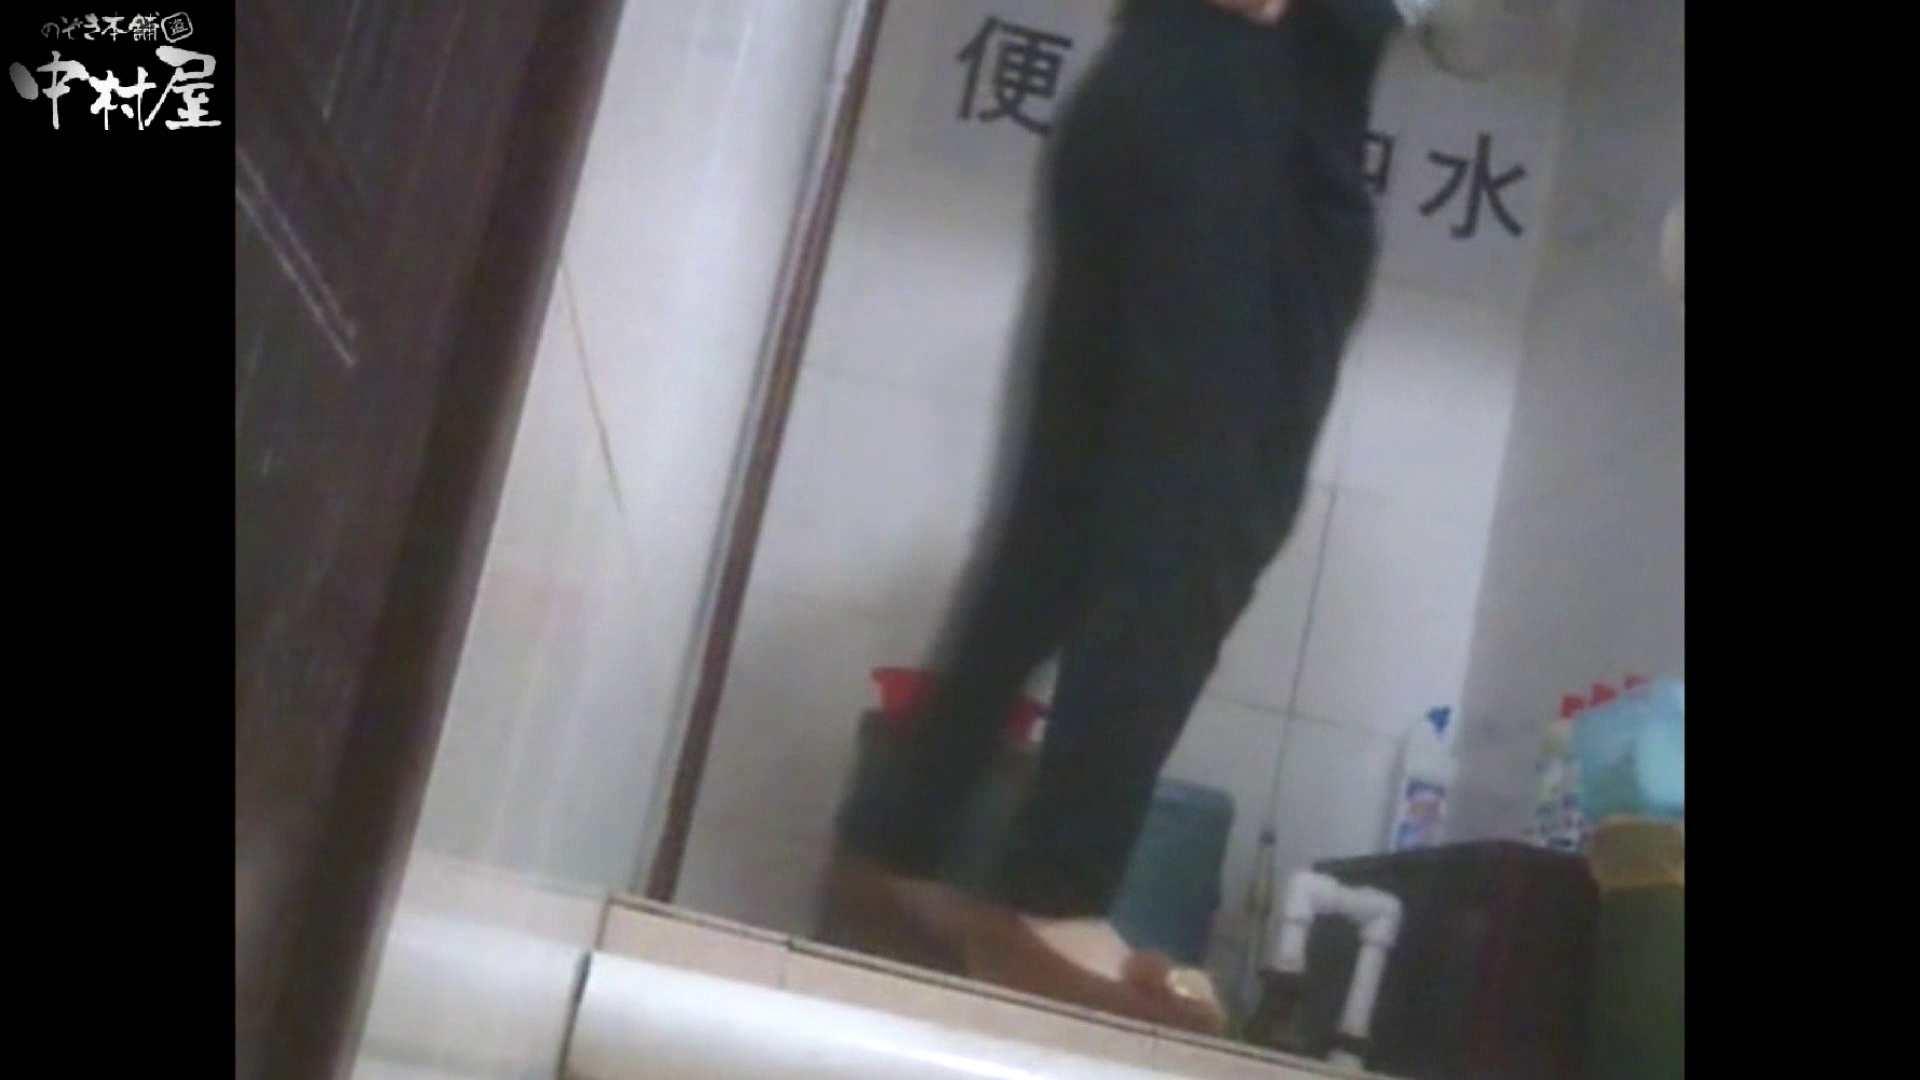 李さんの盗撮日記 Vol.13 盗撮シリーズ おまんこ無修正動画無料 93PIX 38